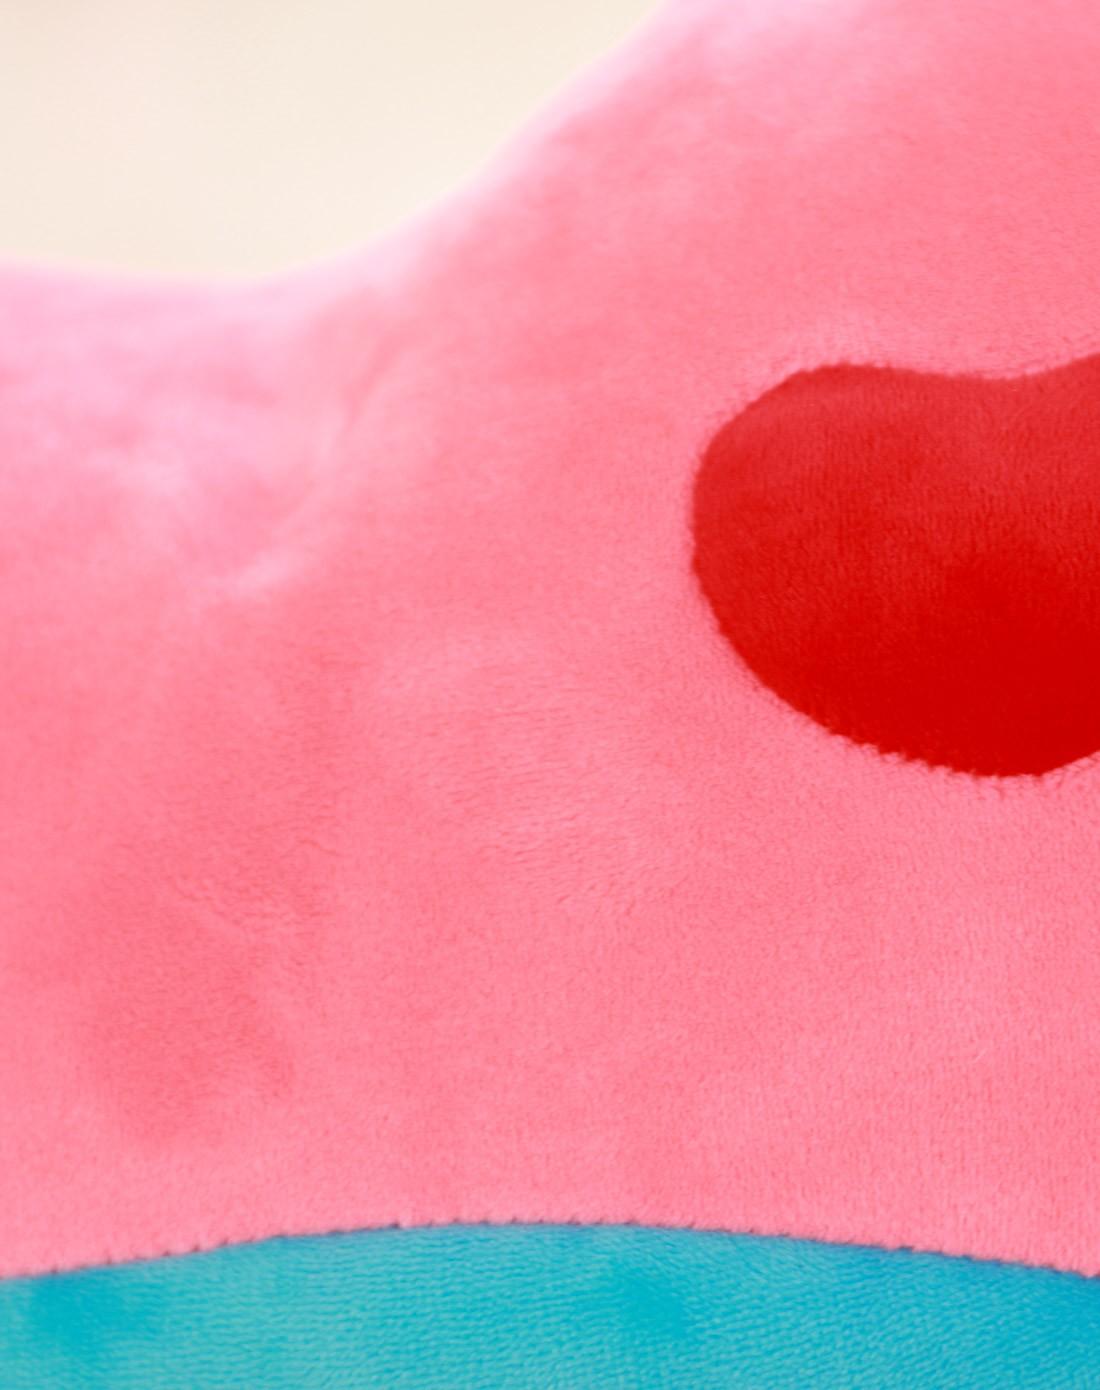 中性粉色泡沫粒子爱心棉花糖抱枕